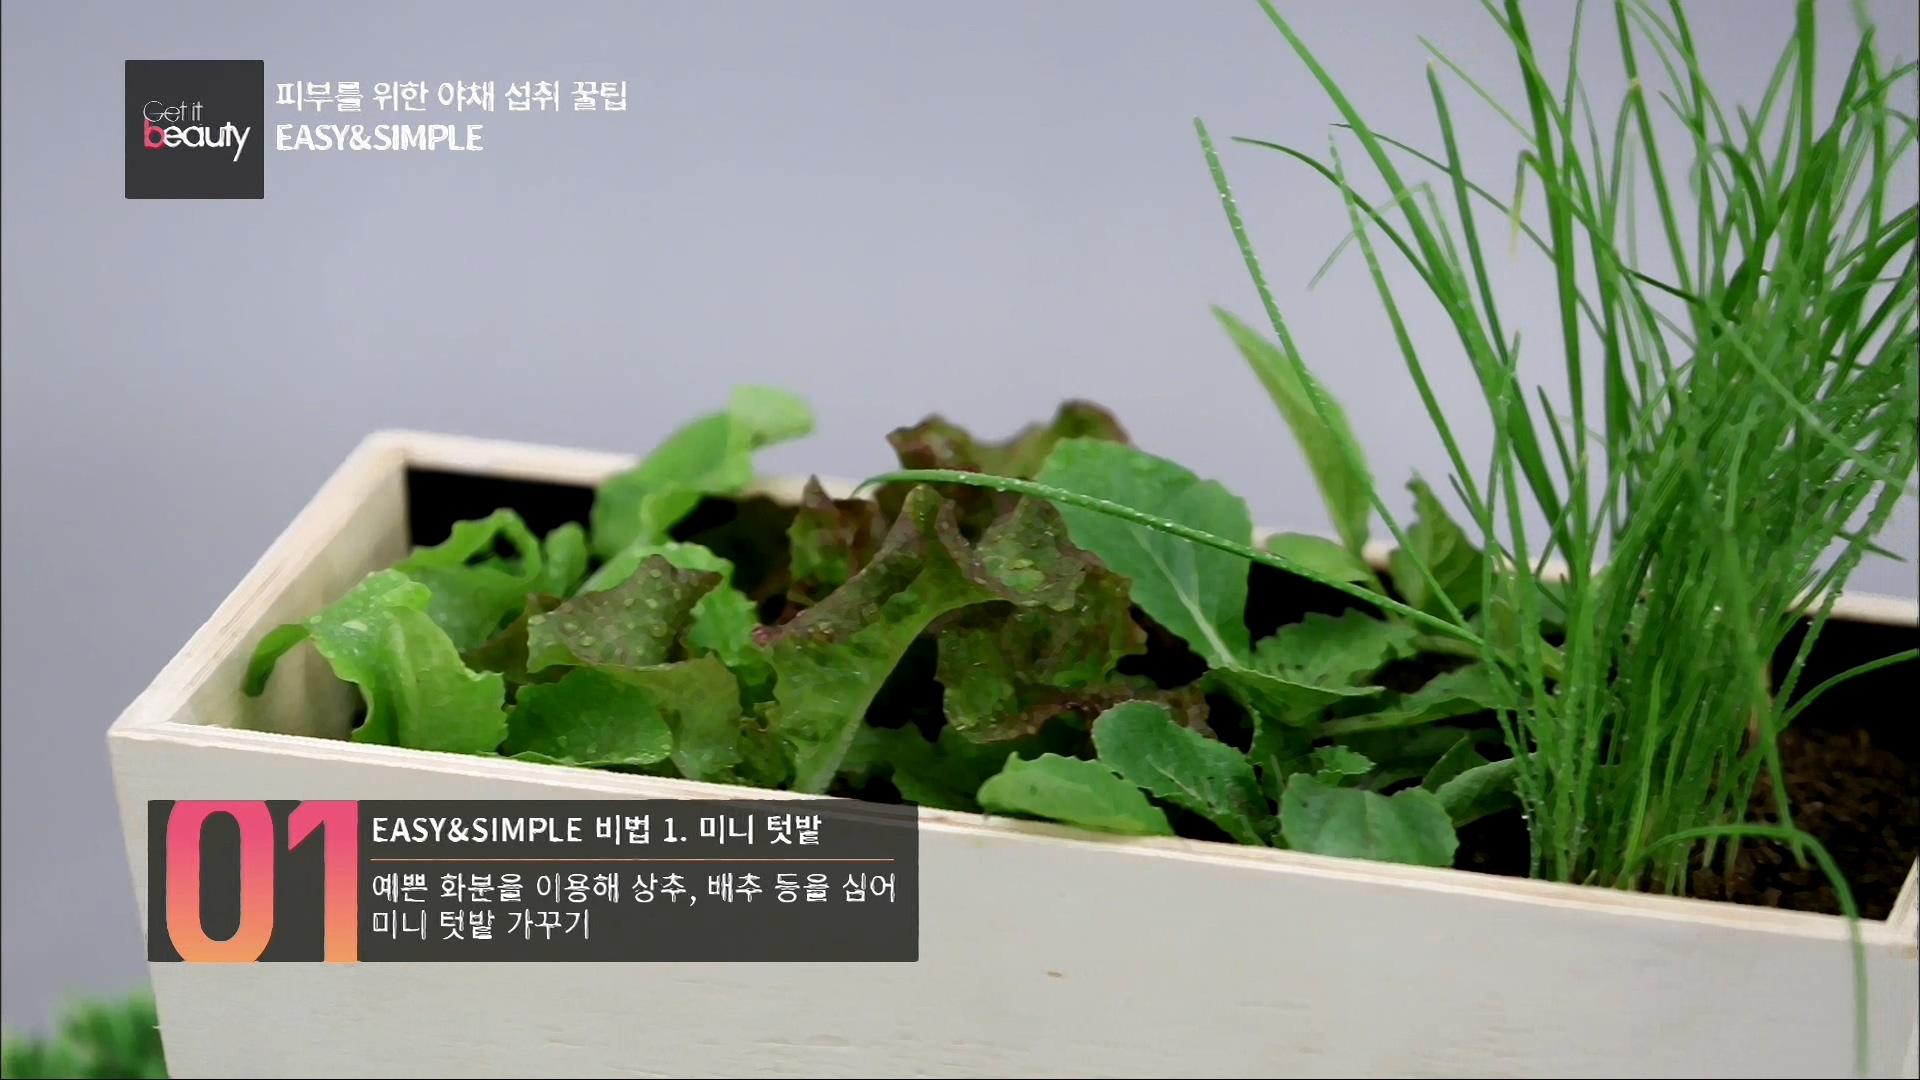 EASY & SIMPLE 비법 1.미니텃밭 예쁜 화분을 이용해 상추, 배추 등을 심어 미니 텃밭 가꾸기